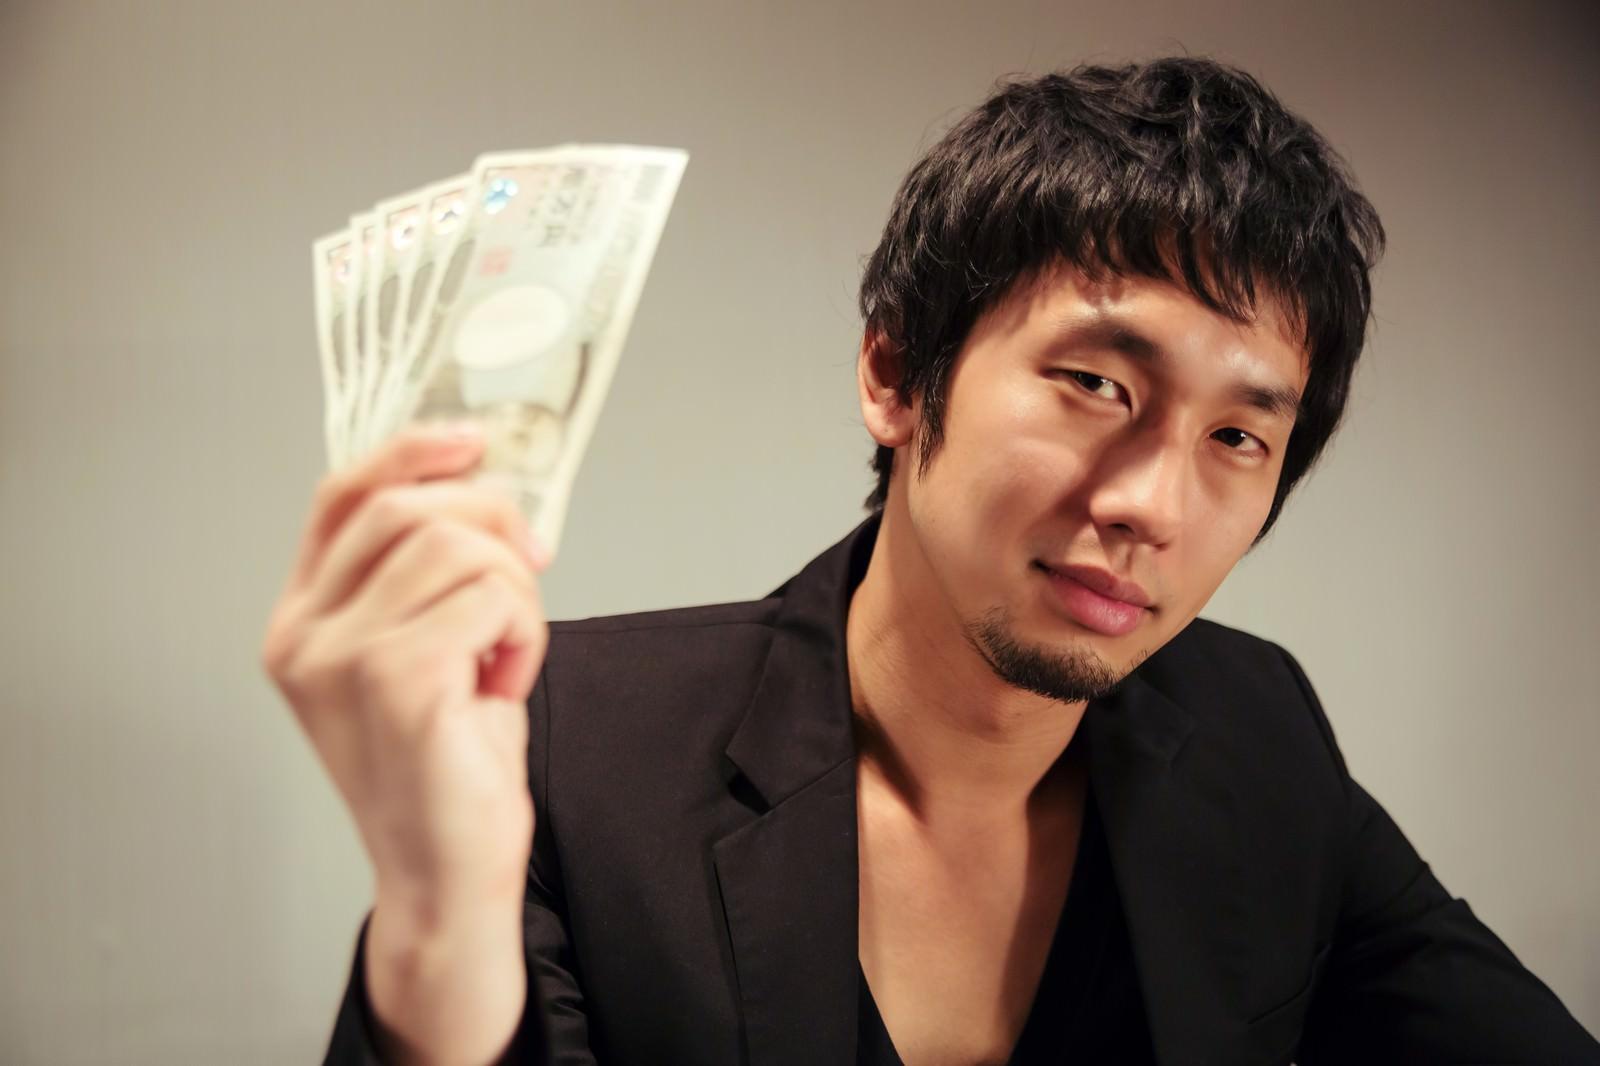 「萬券を見せつける闇金風の男性」の写真[モデル:大川竜弥]